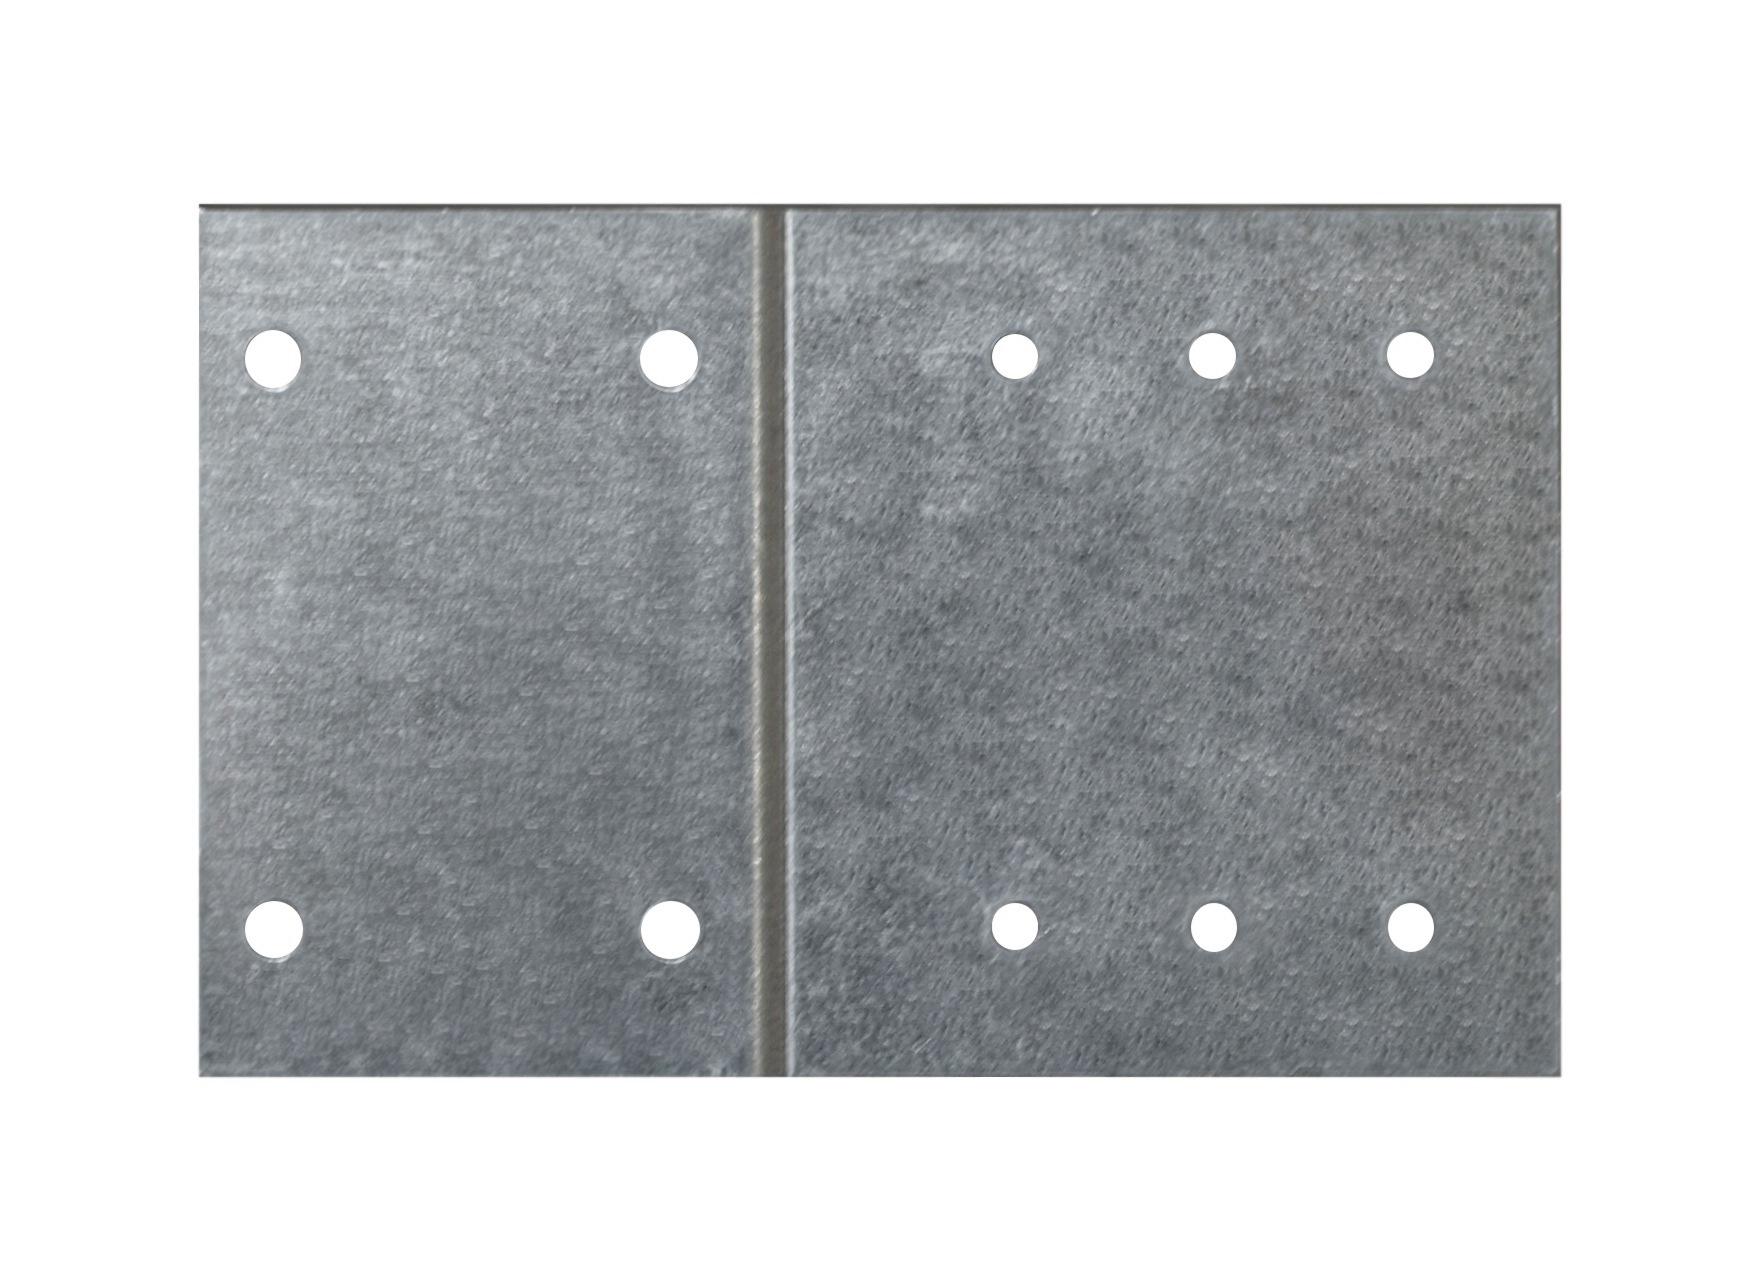 1 Stk Tiefenschiene IL900221-F